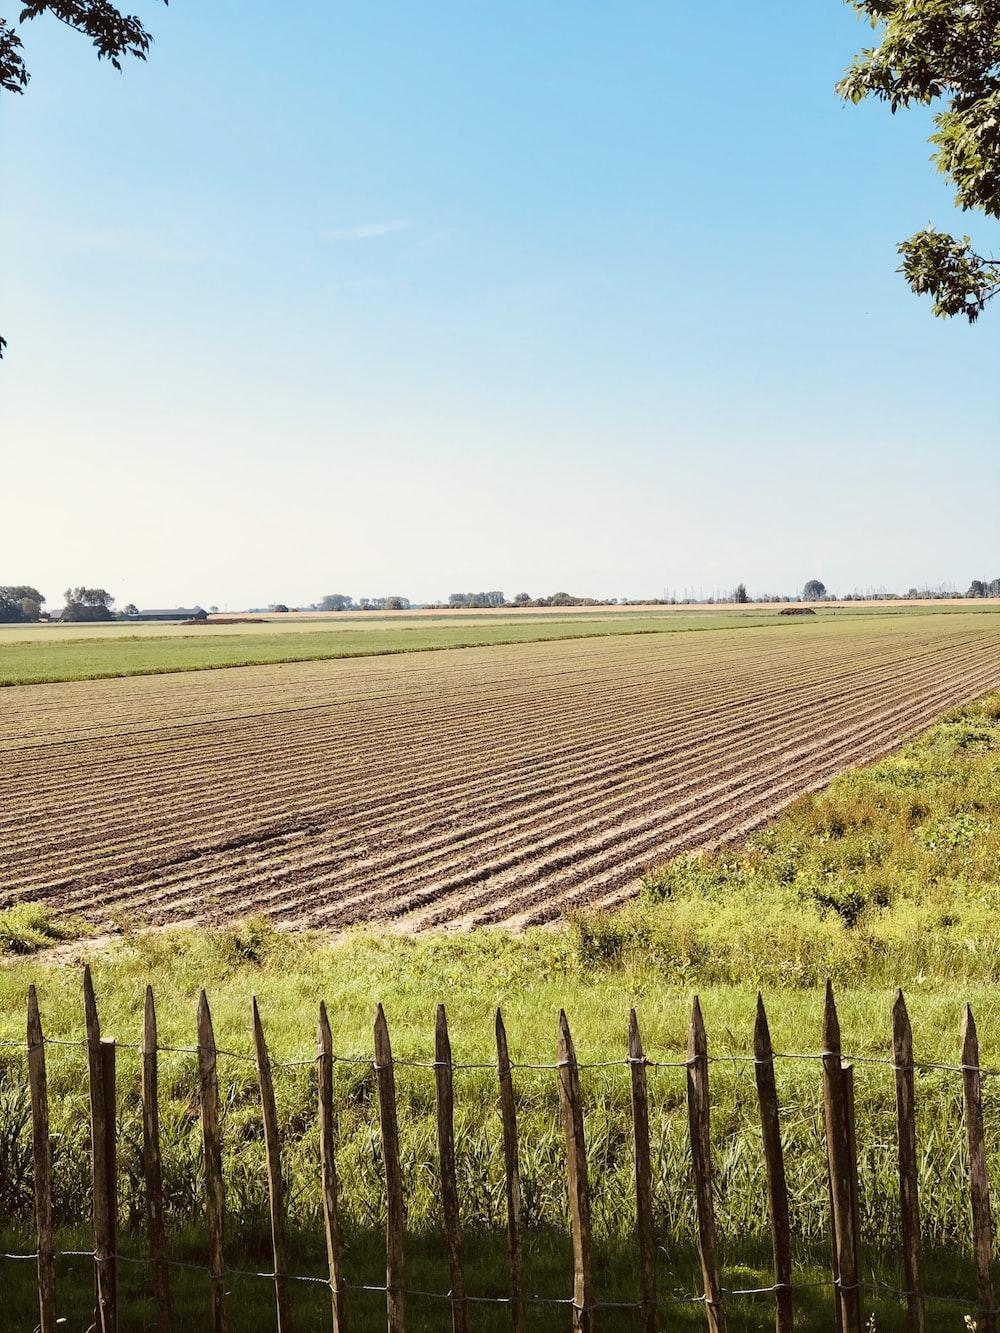 plowed soil between grass field